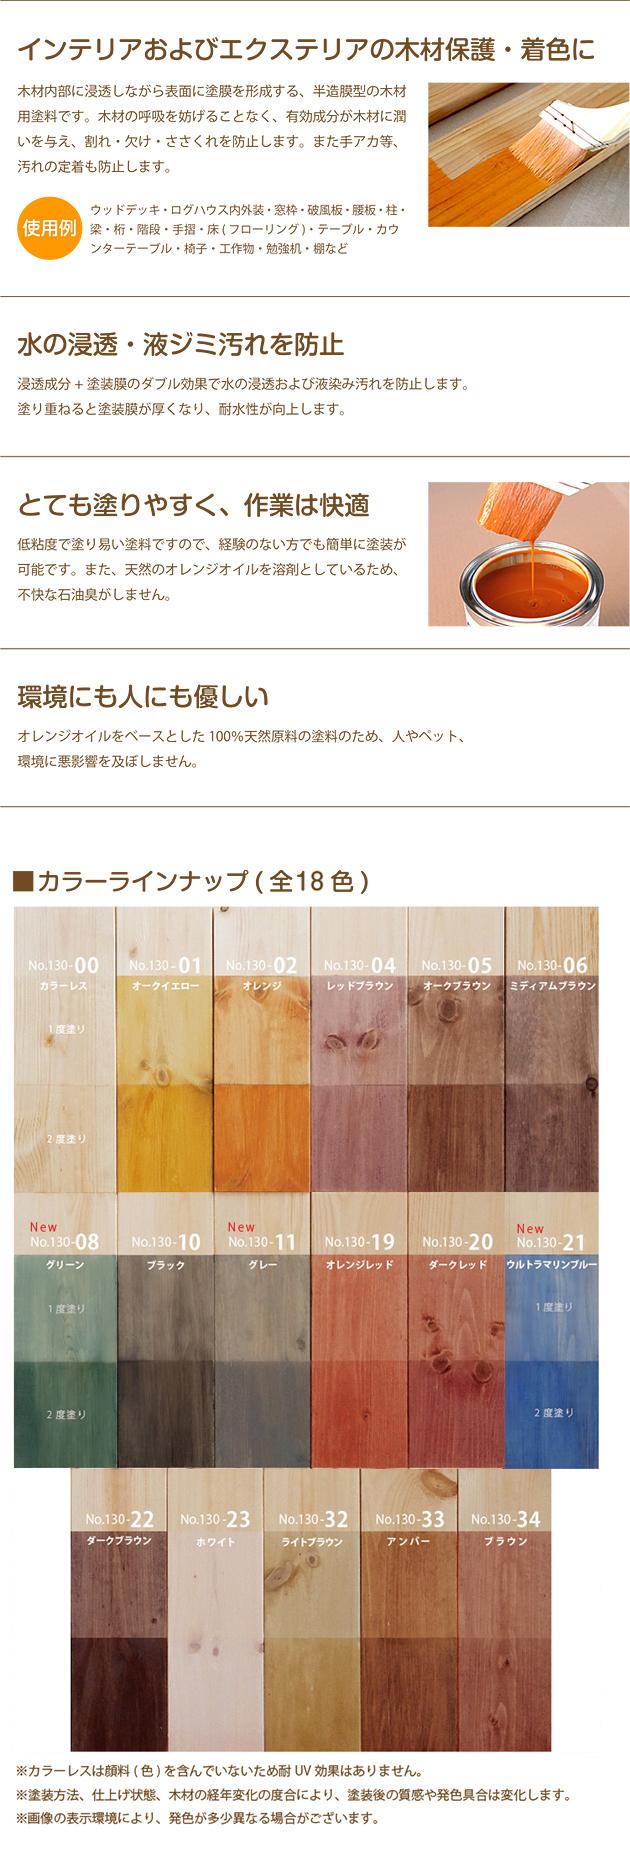 自然塗料 AURO(アウロ) No.130 の特長